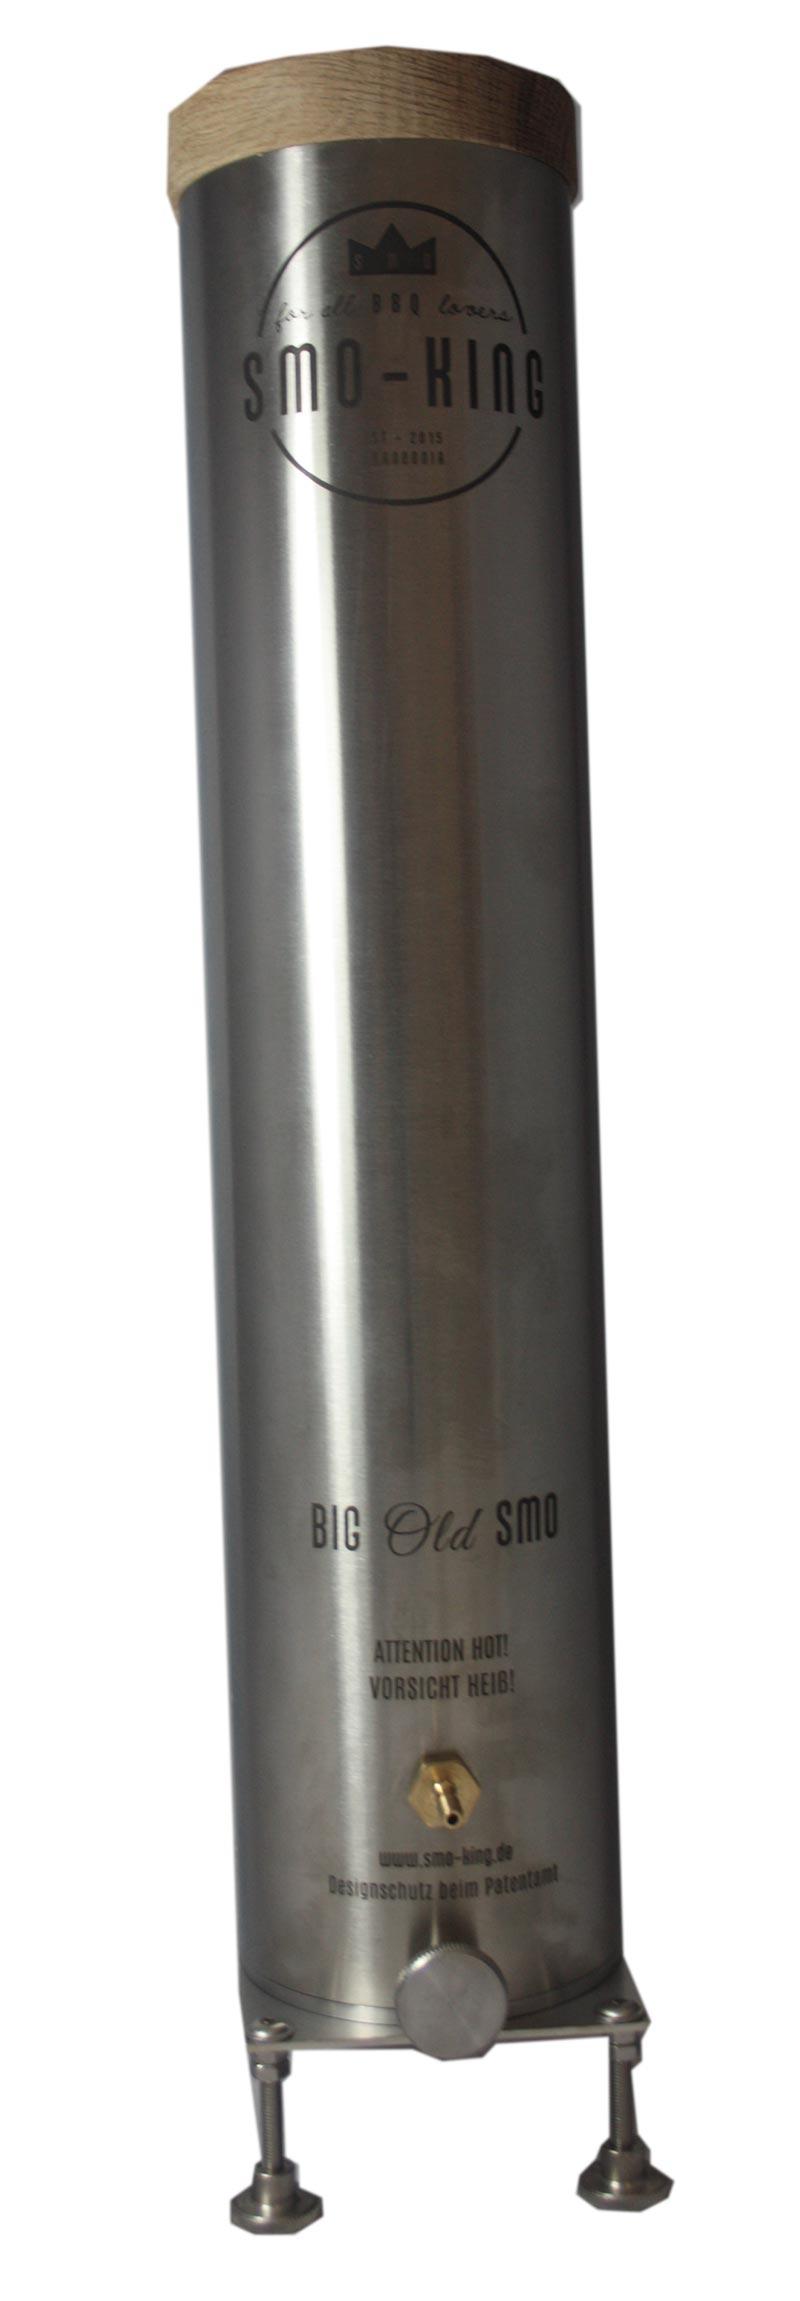 Smo-King Big Old Smo 2,3 Liter Starter-SET